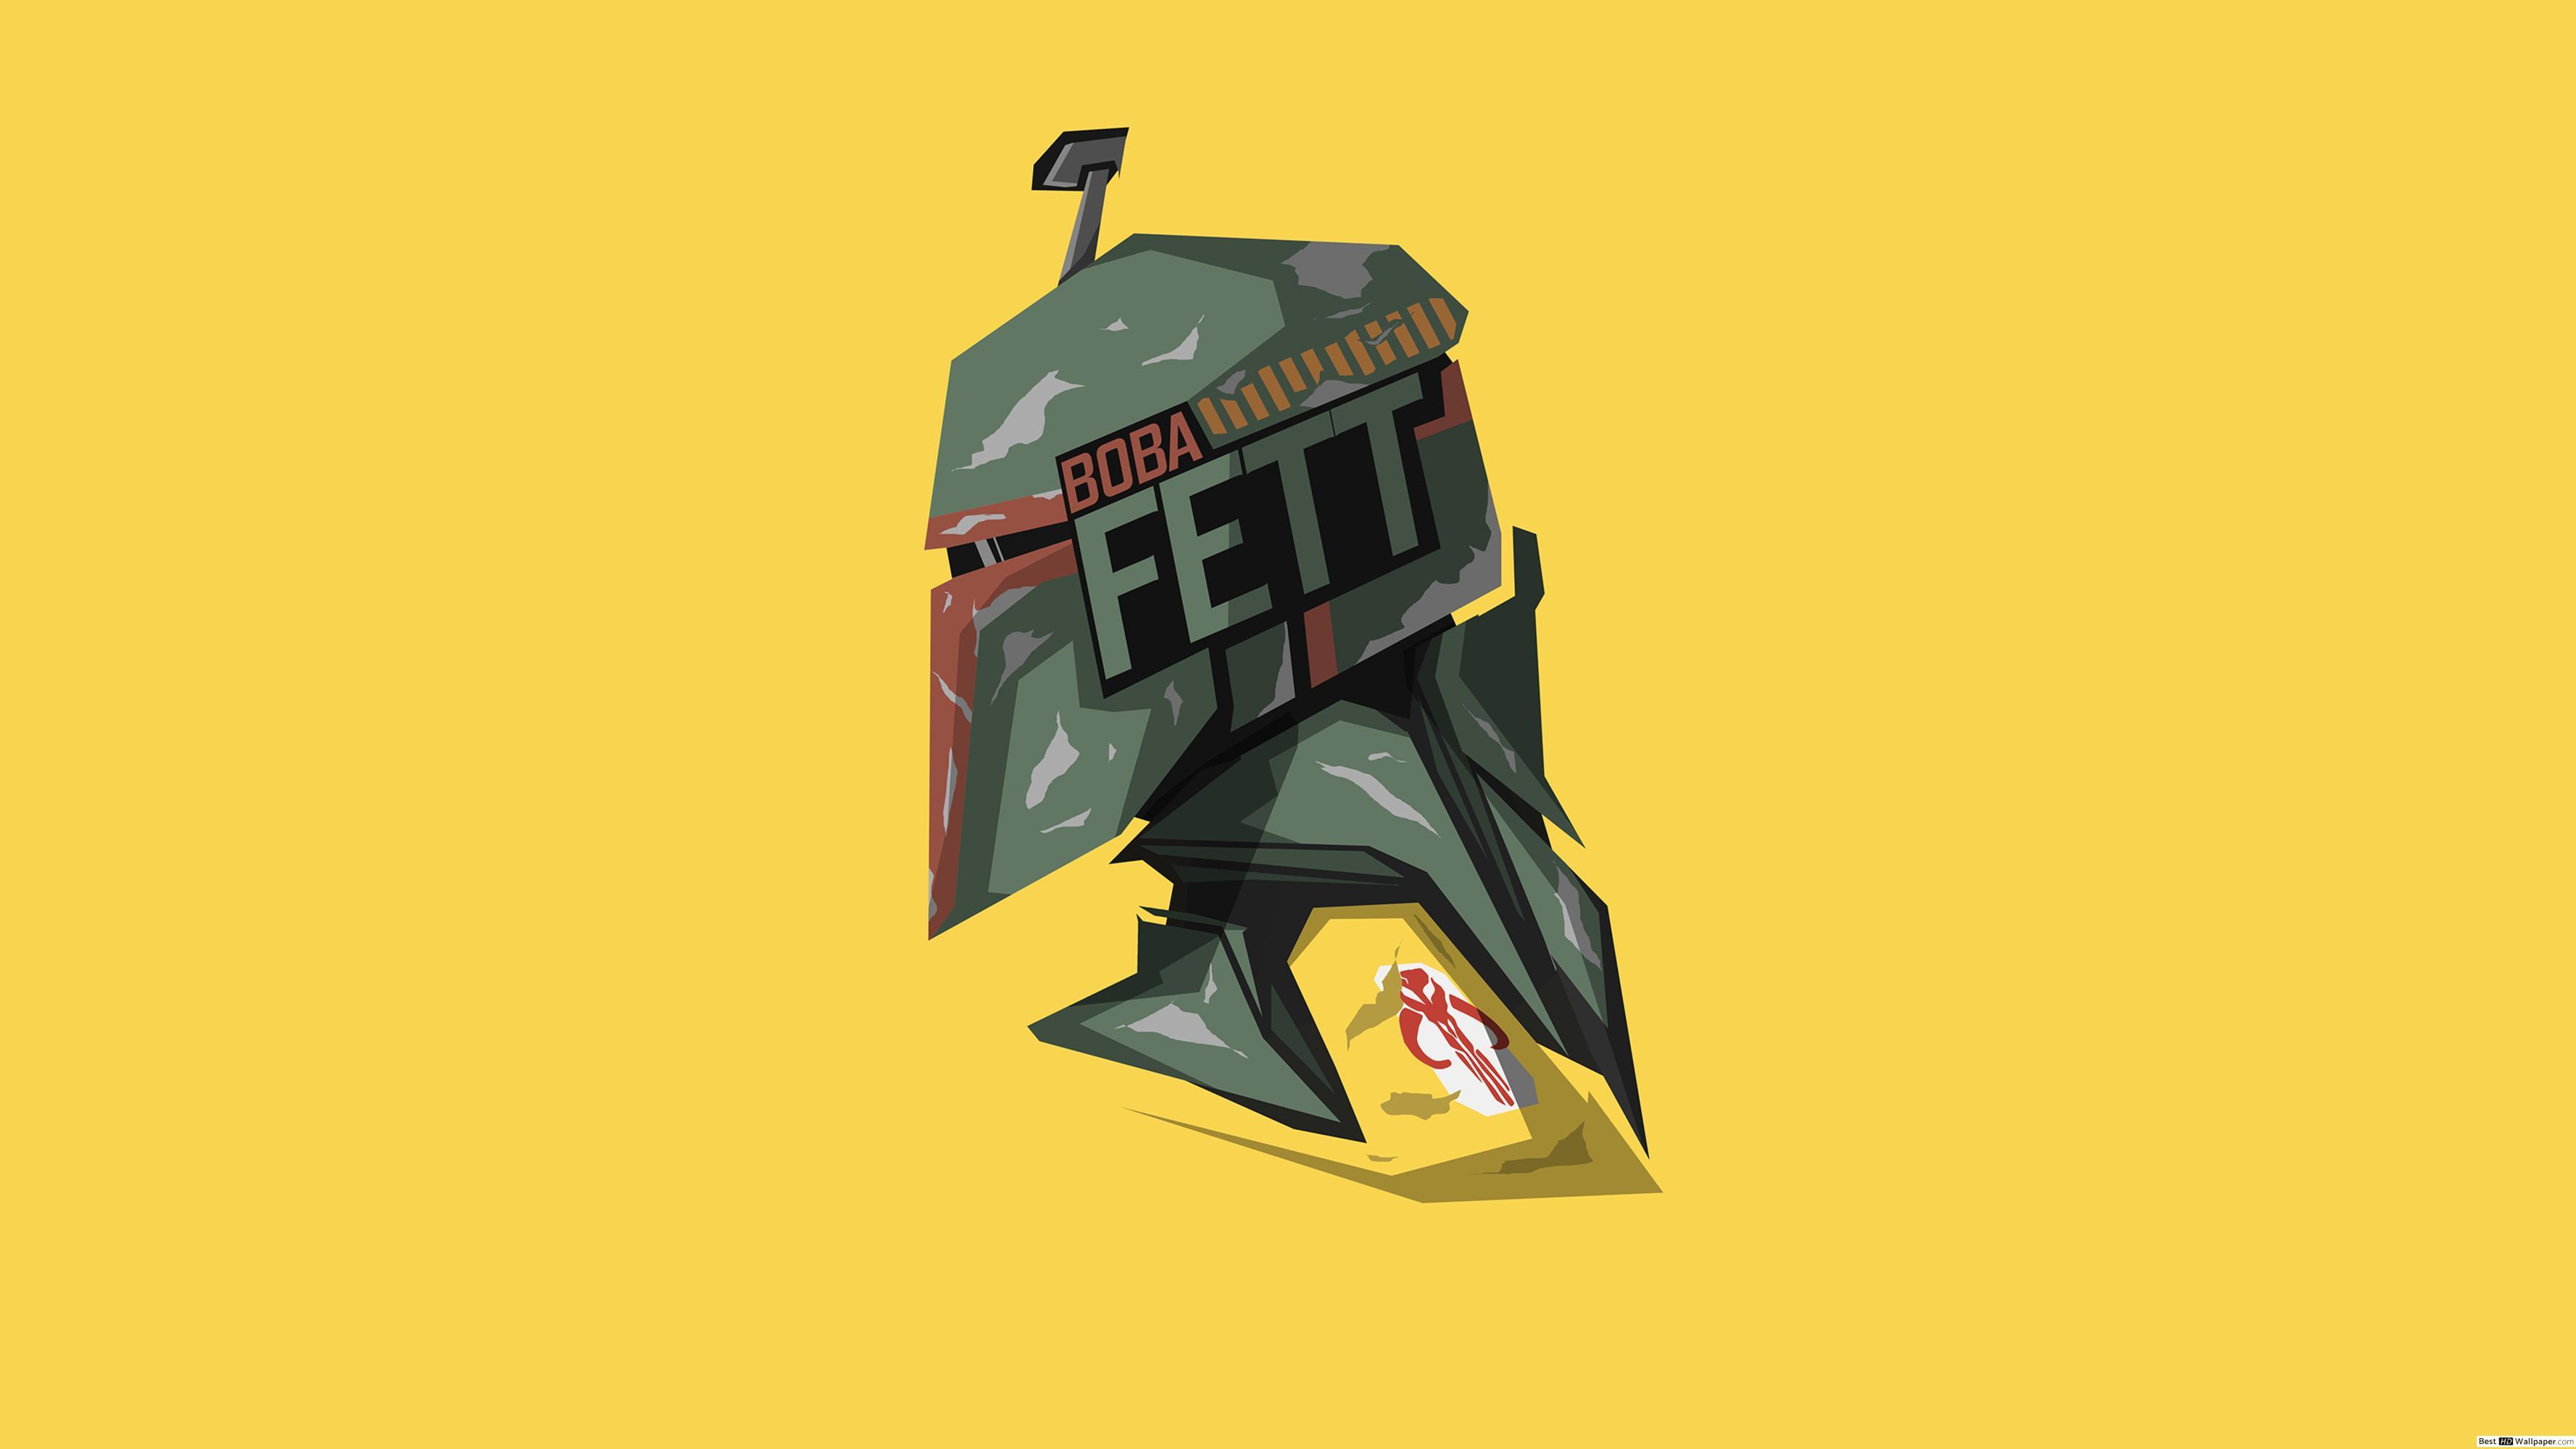 Star Wars Bounty Hunter Helmets 3116415 Hd Wallpaper Backgrounds Download